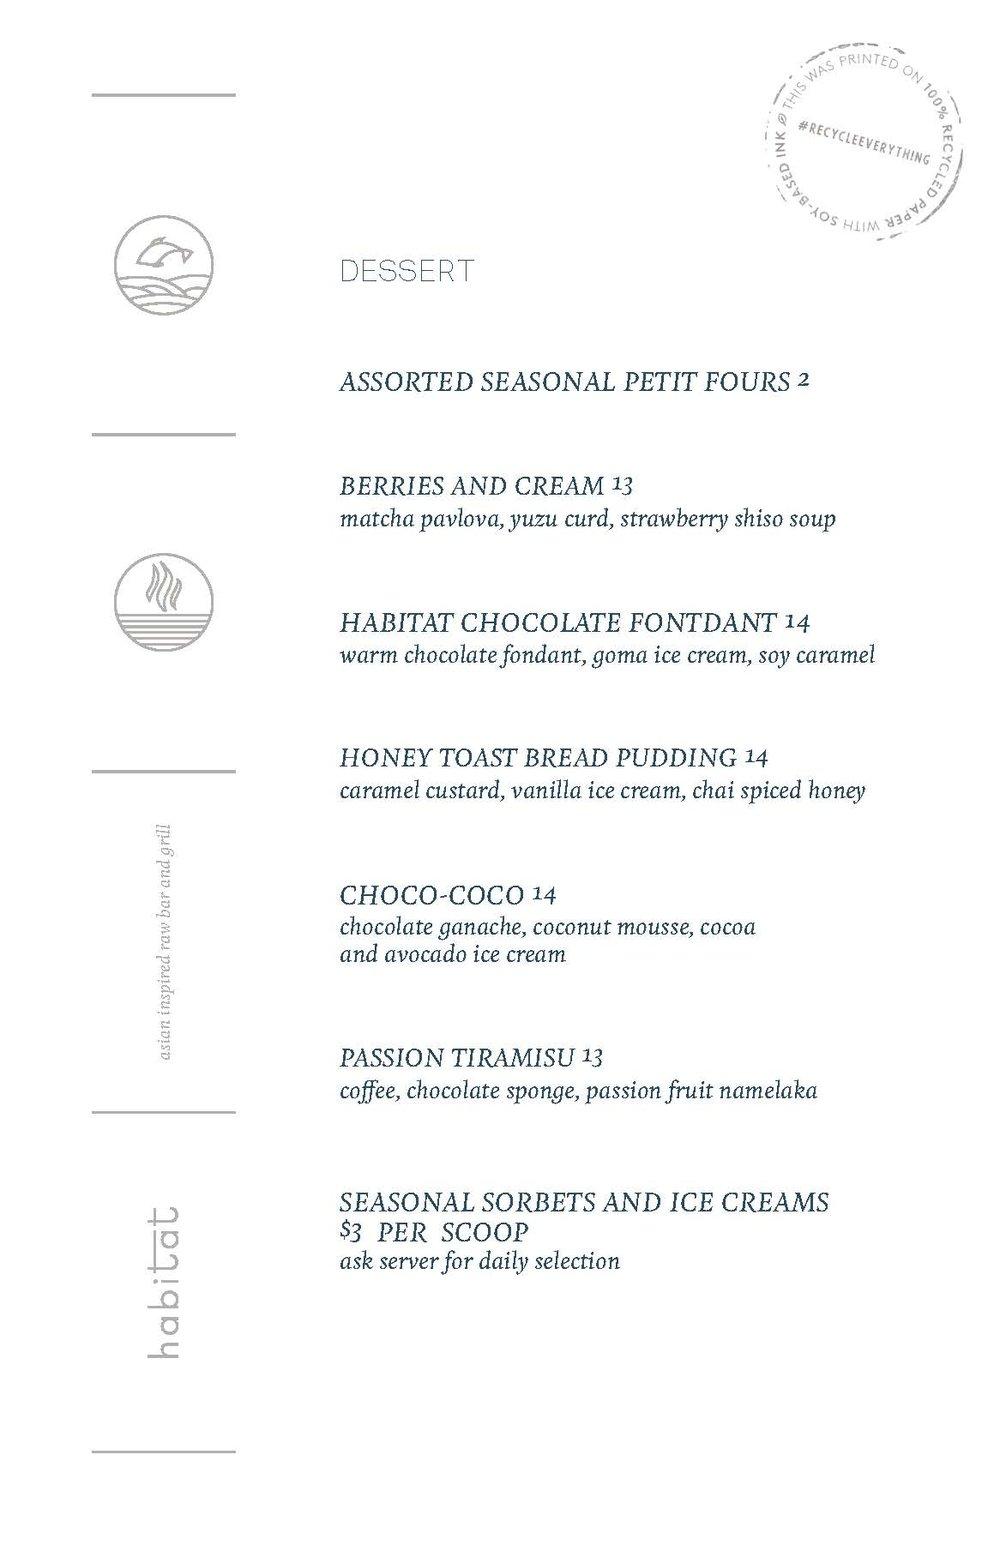 habitat dessert menu dinner_nostroke.jpg